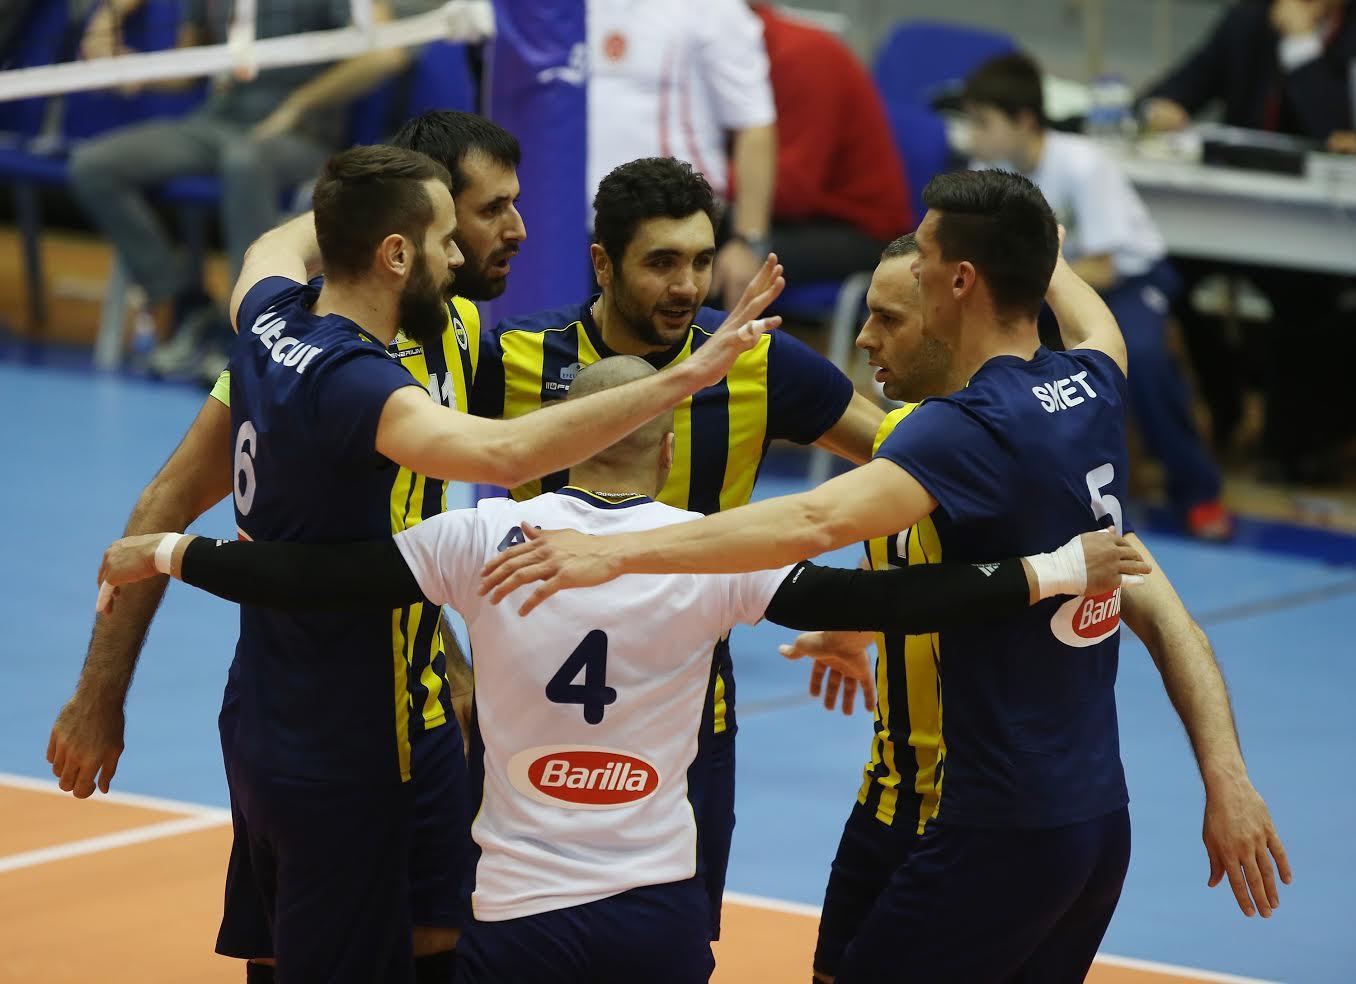 İlk maçın galibi Fenerbahçe